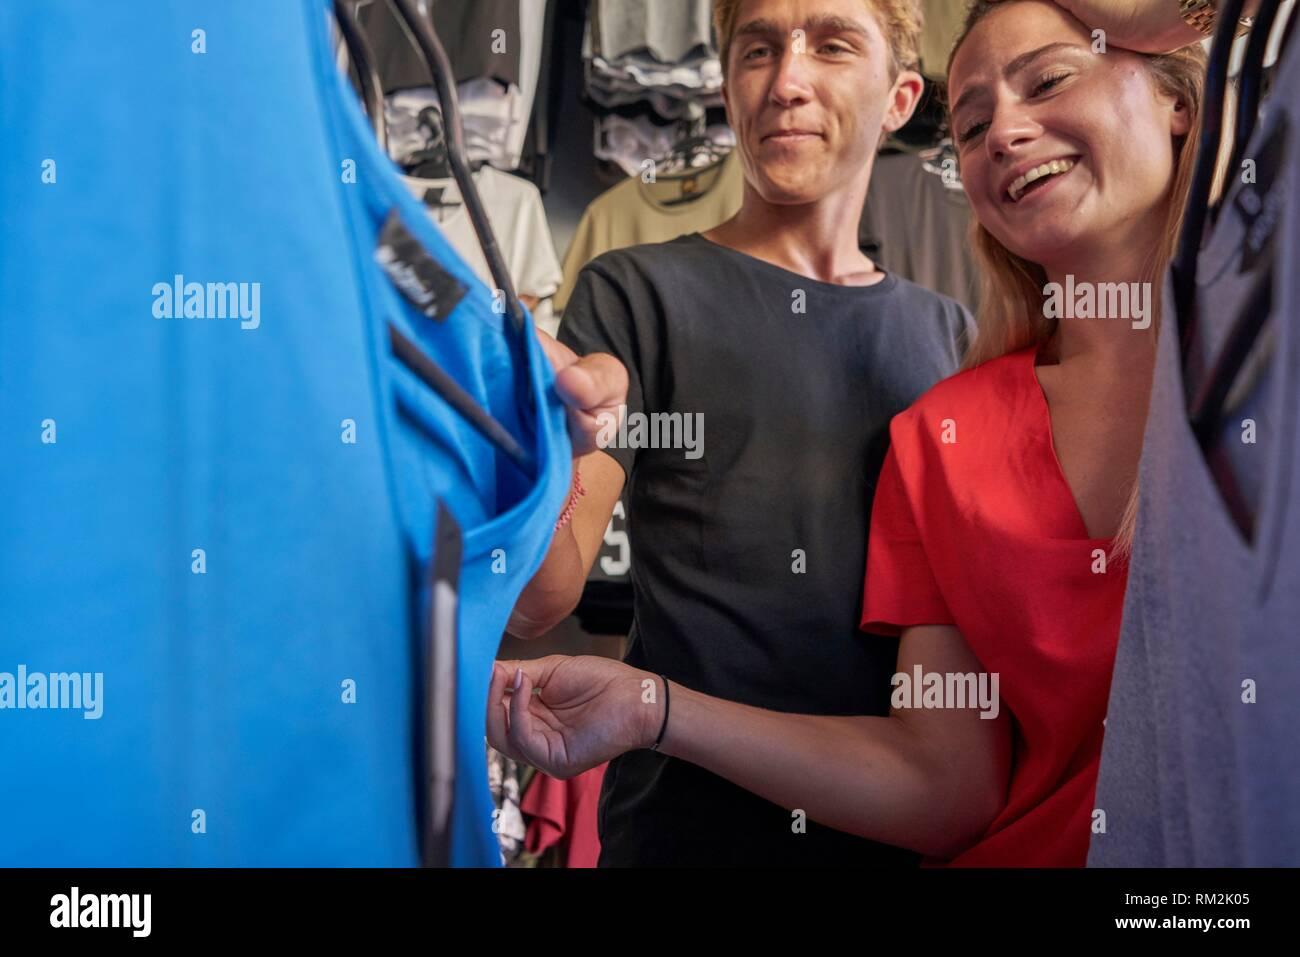 Feliz pareja examinar la ropa en la tienda de ropa. A los 21 años. La etnia neerlandesa Foto de stock